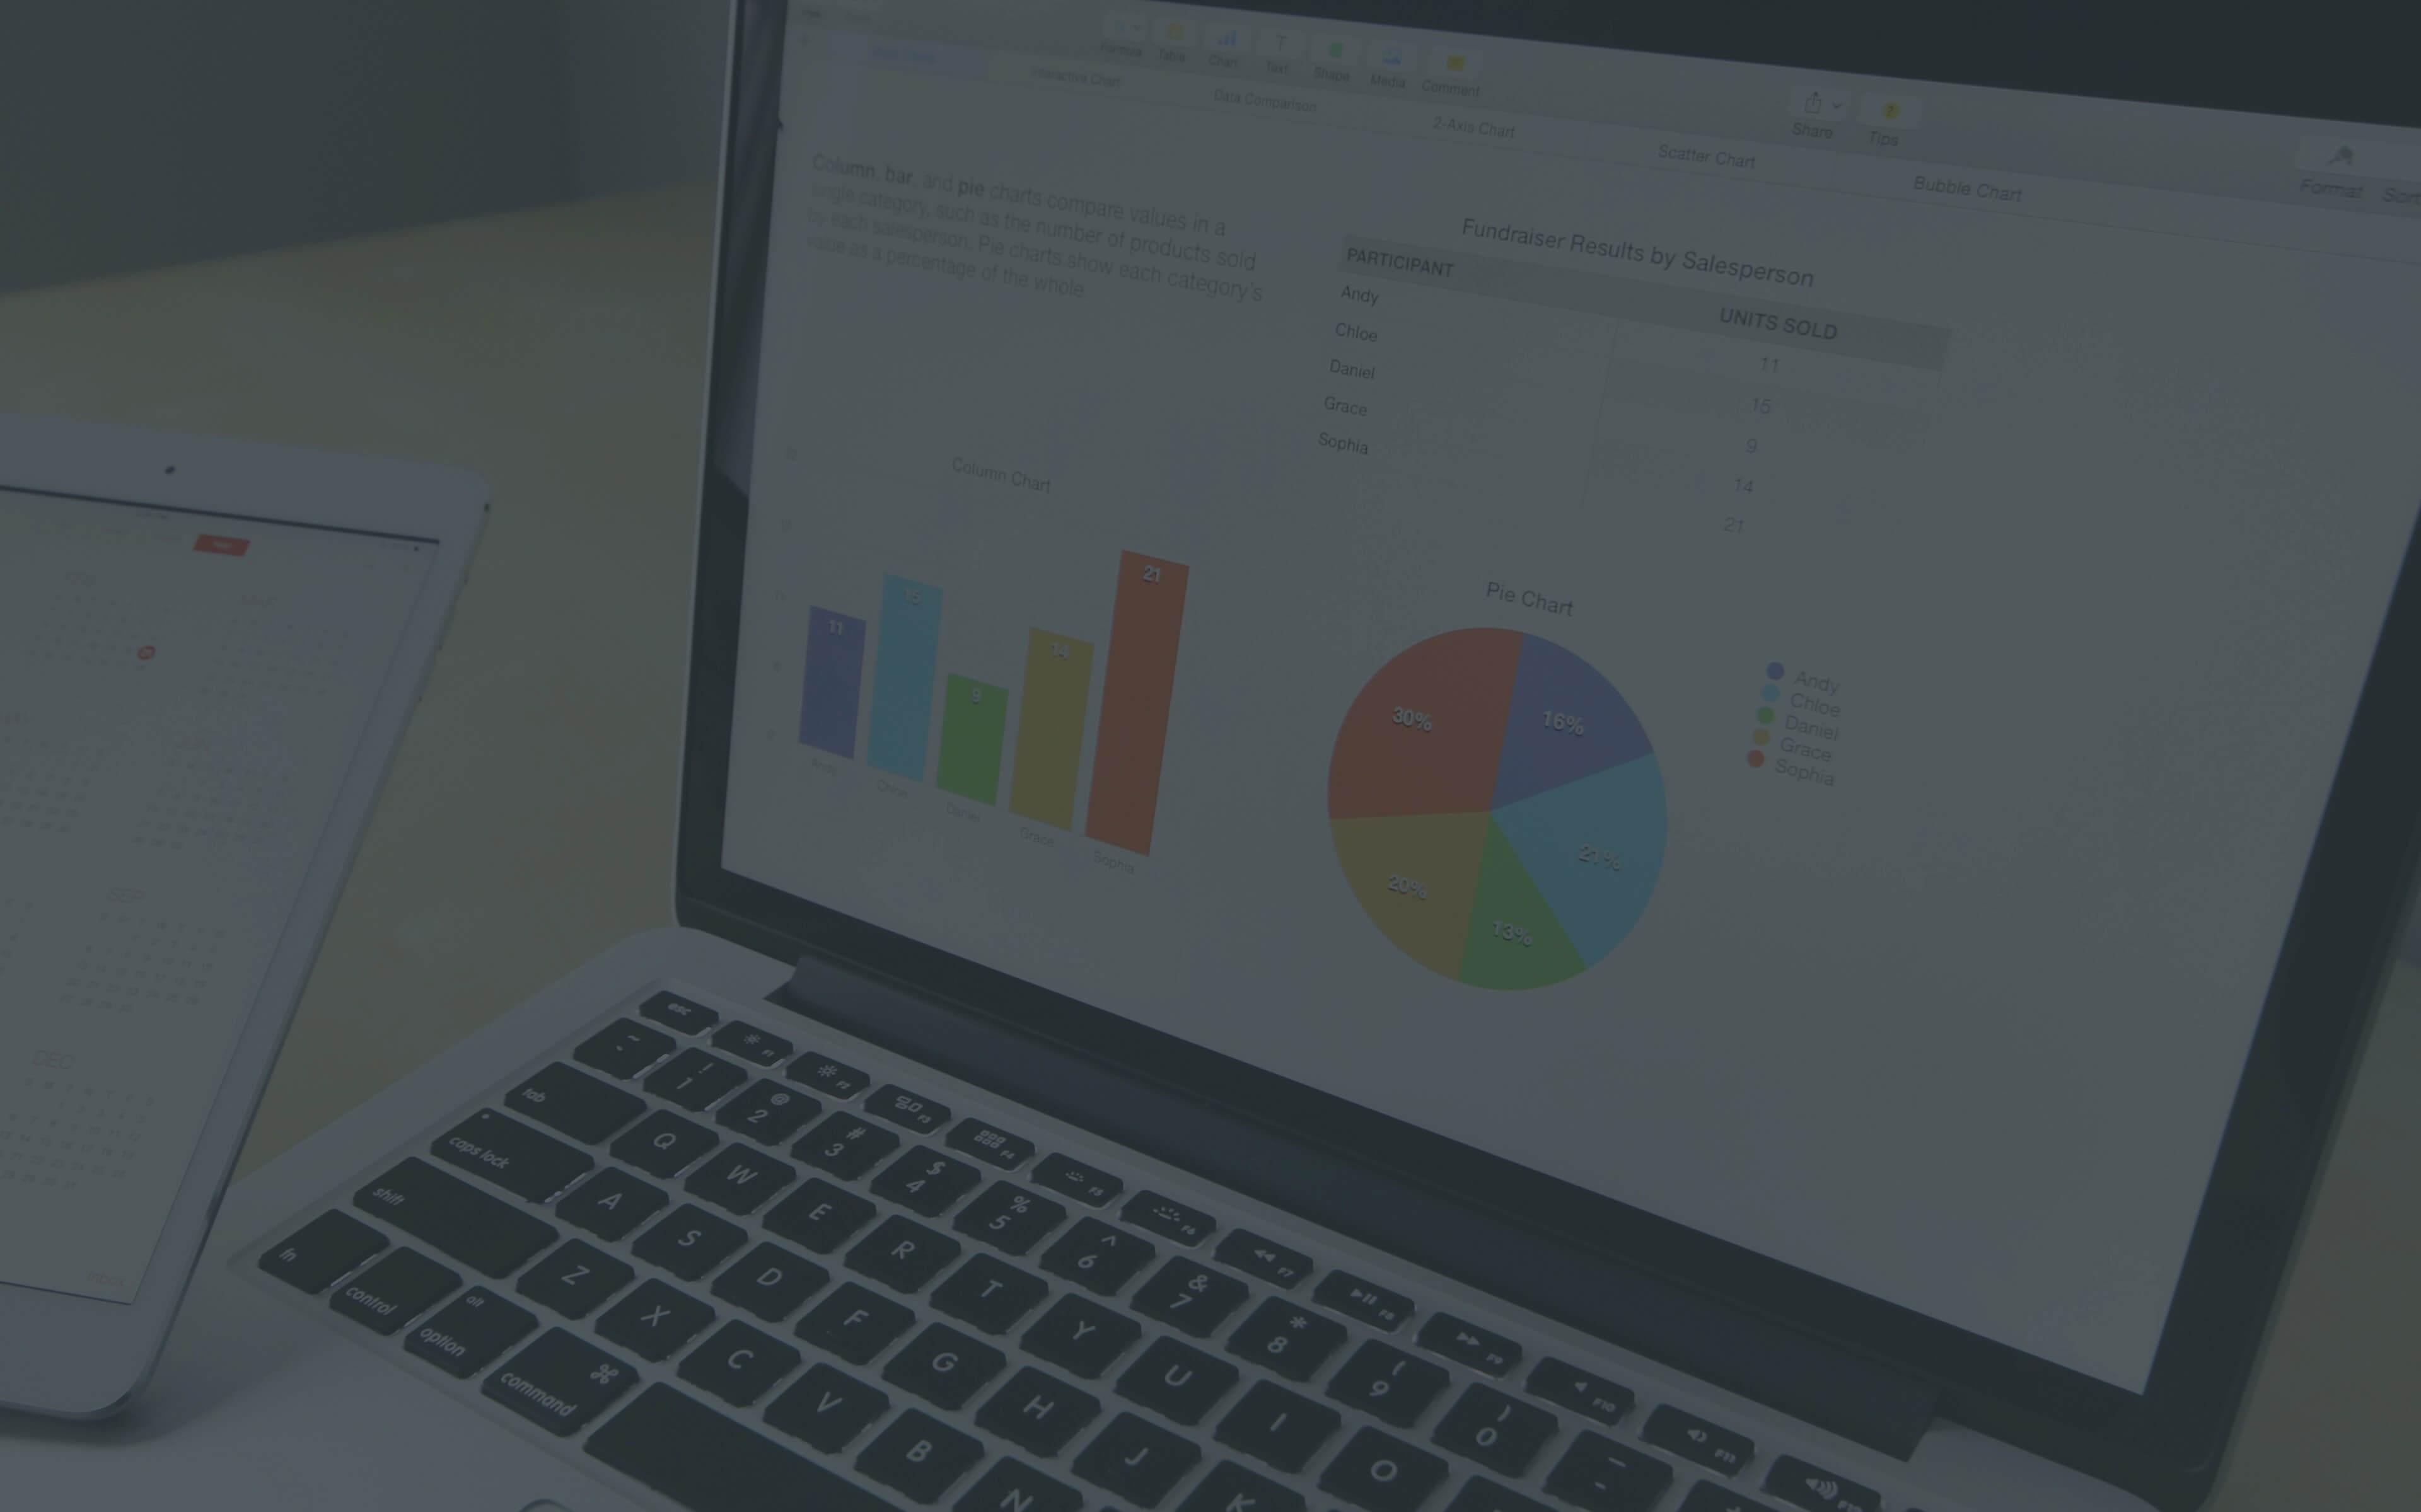 Audyt IT i ocena poziomu bezpieczeństwa informatycznego firmy